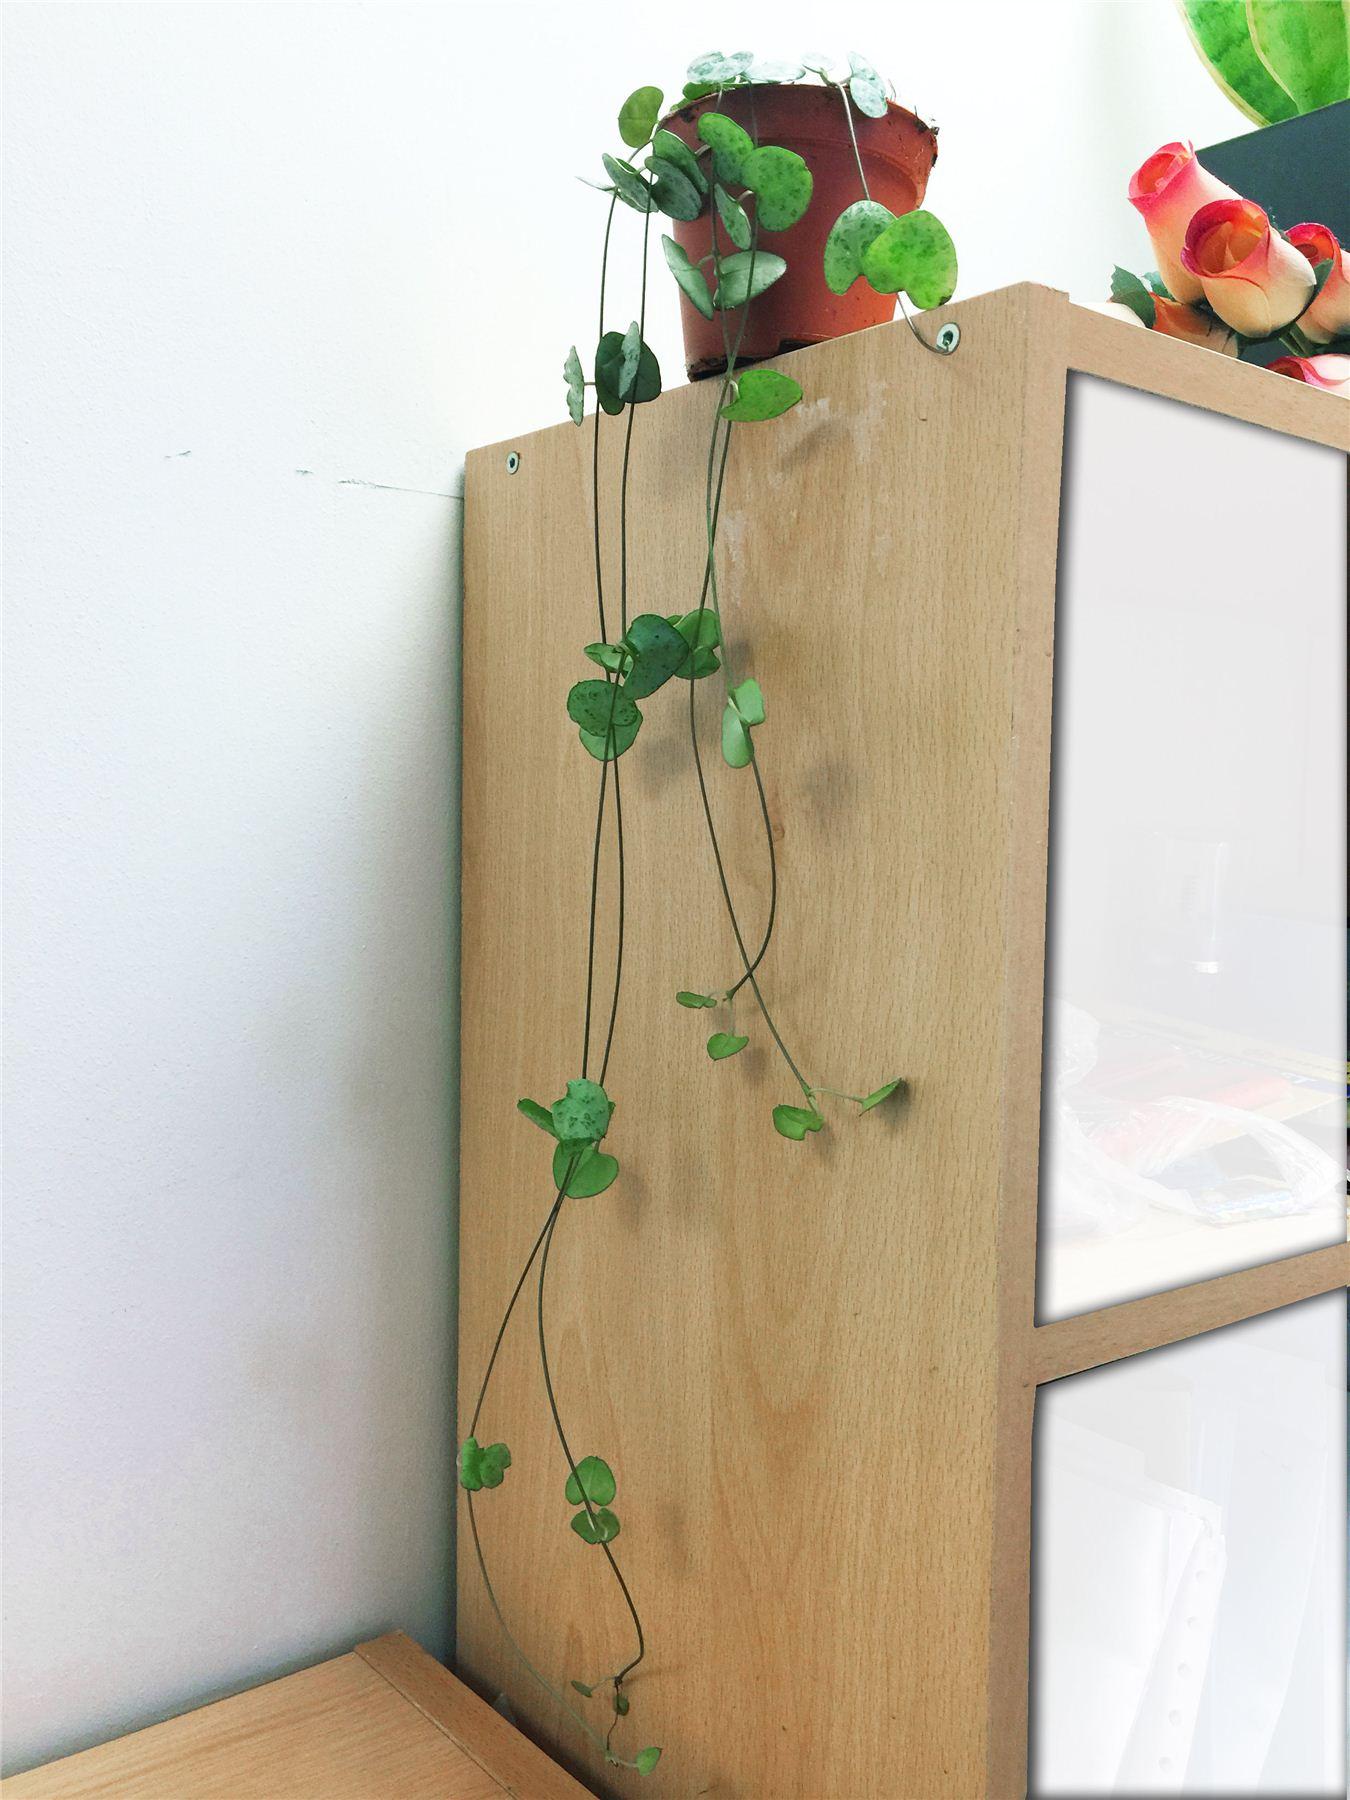 cha ne de coeurs succulente cactus plante d 39 int rieur en. Black Bedroom Furniture Sets. Home Design Ideas